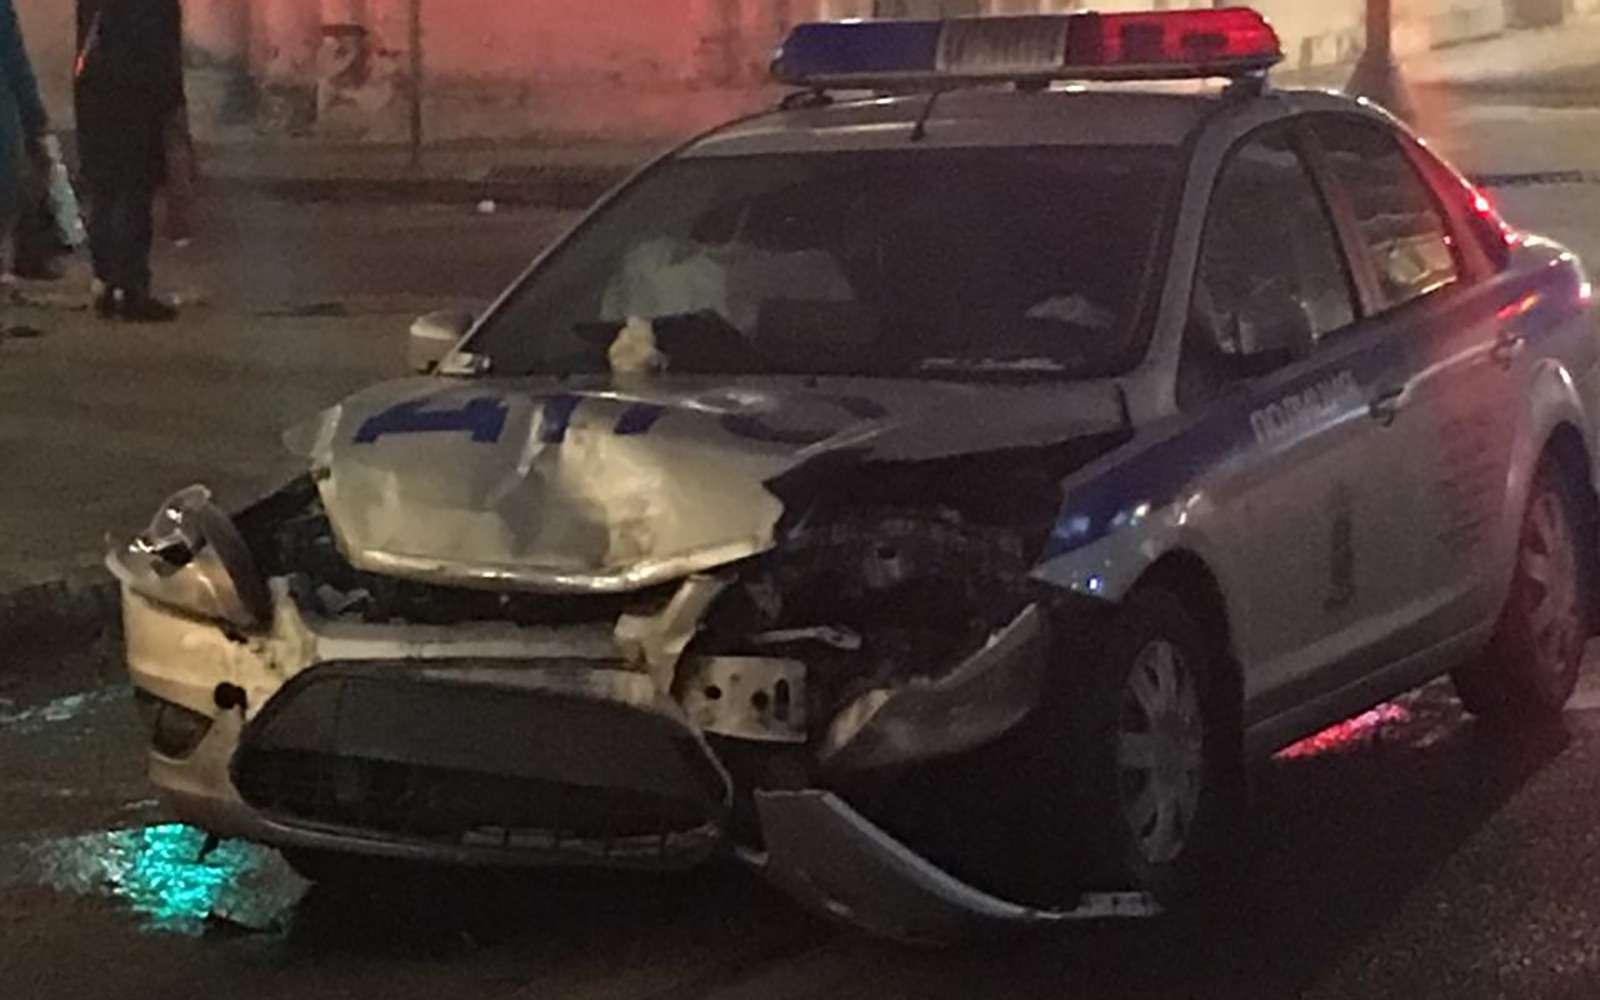 bqnXi2DyeQR9HgSNJdCNWw - Грузовик протащил врезавшийся внего автомобиль несколько километров